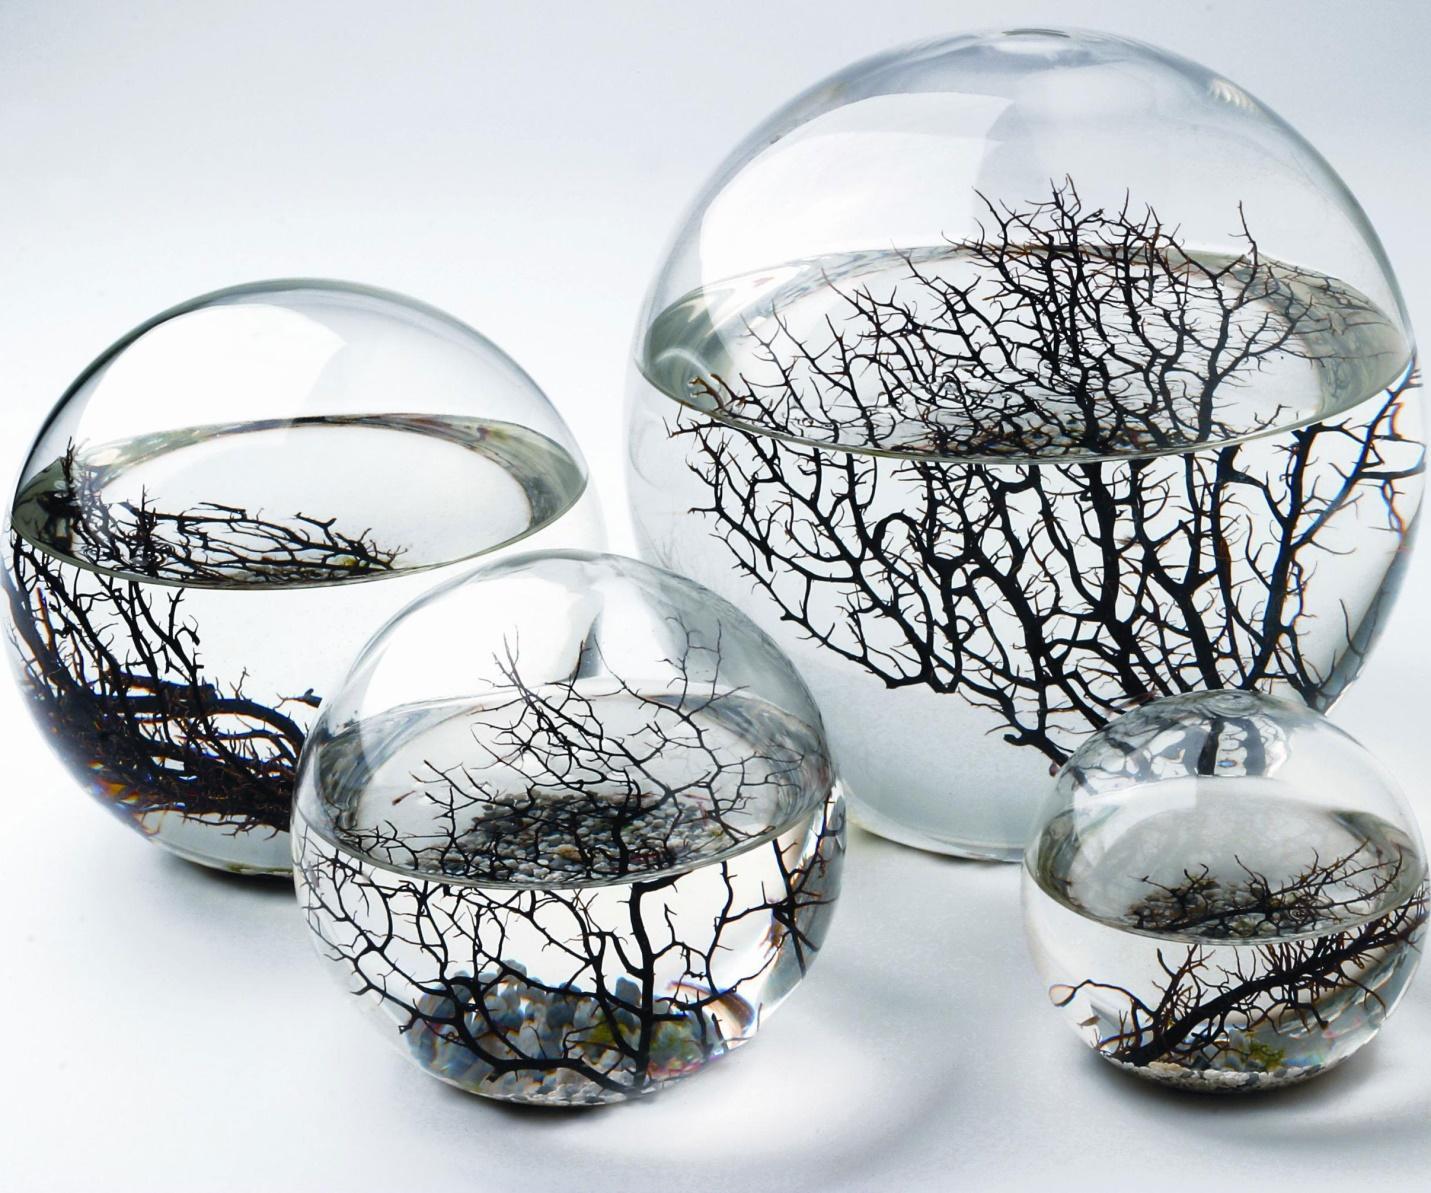 Self Sustaining Ecosphere | Ecosphere, Aquatic ecosystem, Ecosystems